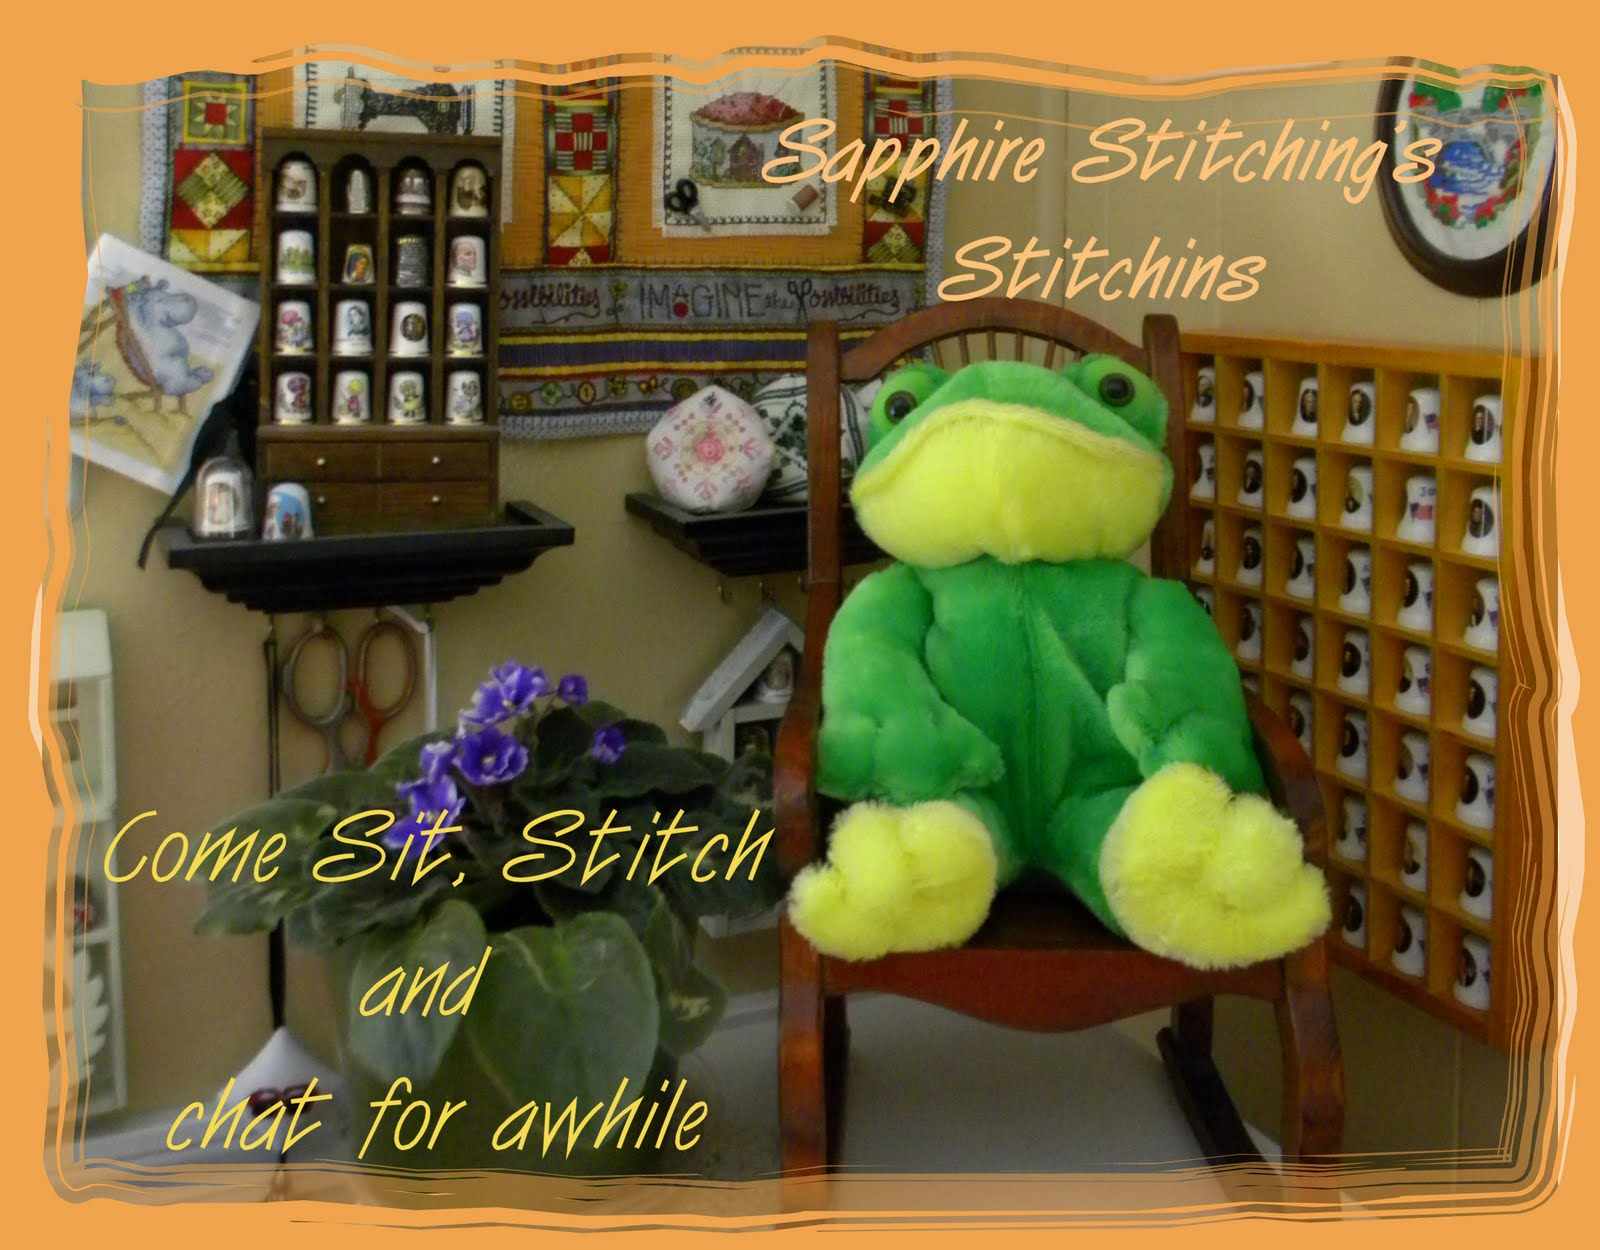 Sapphire Stitching's Stitchins